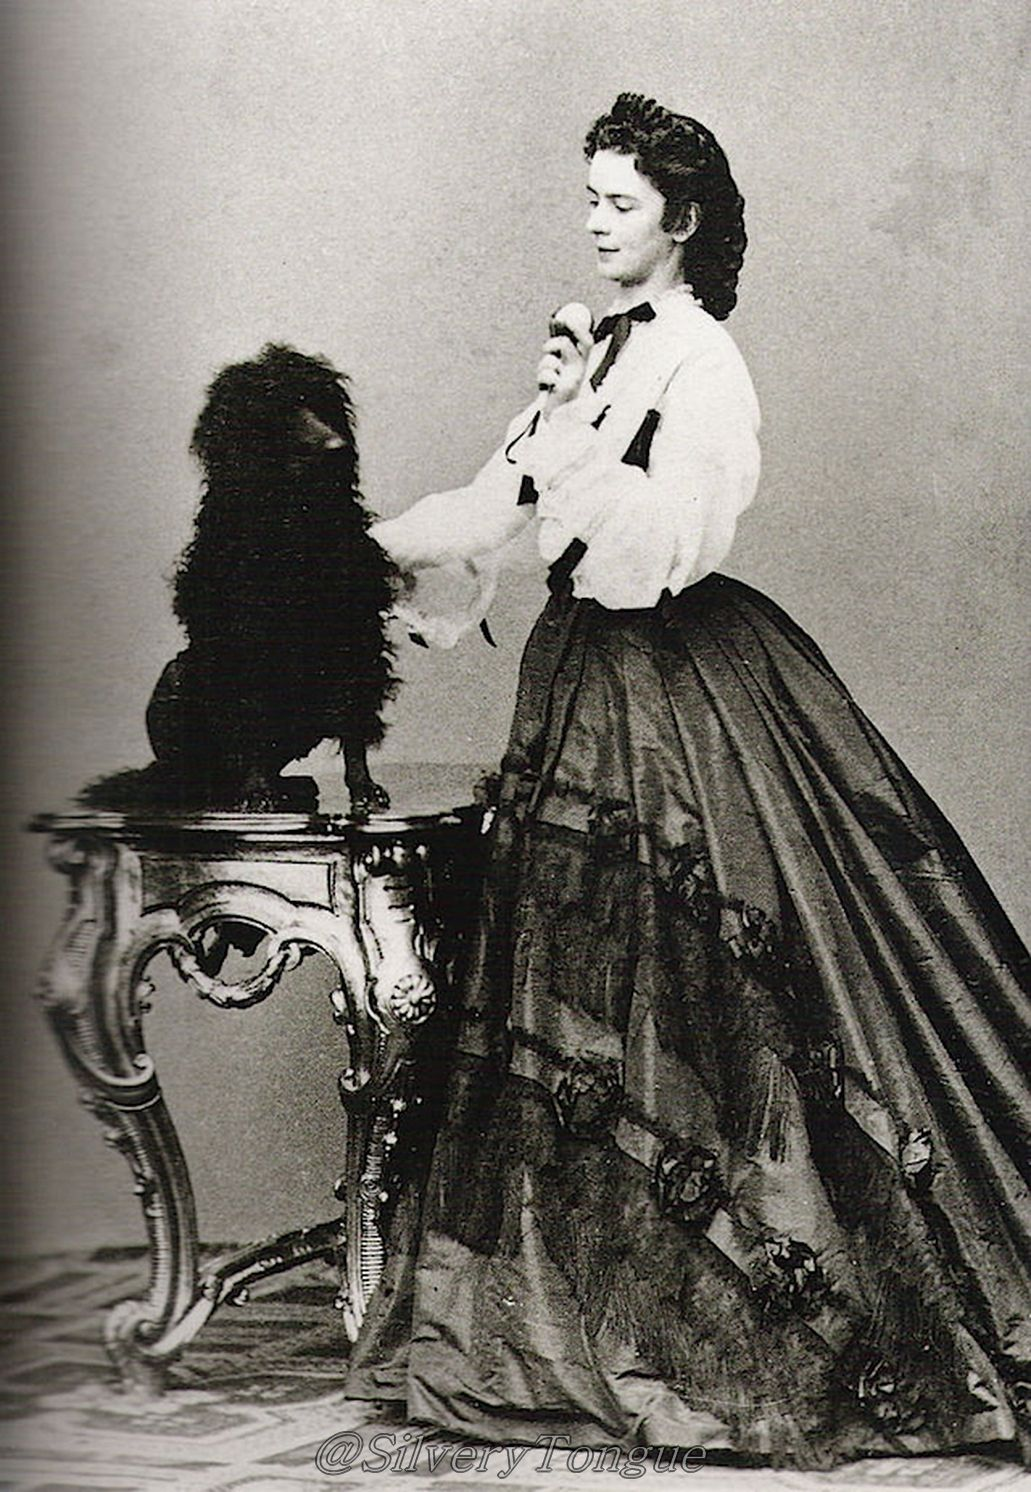 Retrato Vintage Imgenes De Archivo, Vectores, Retrato